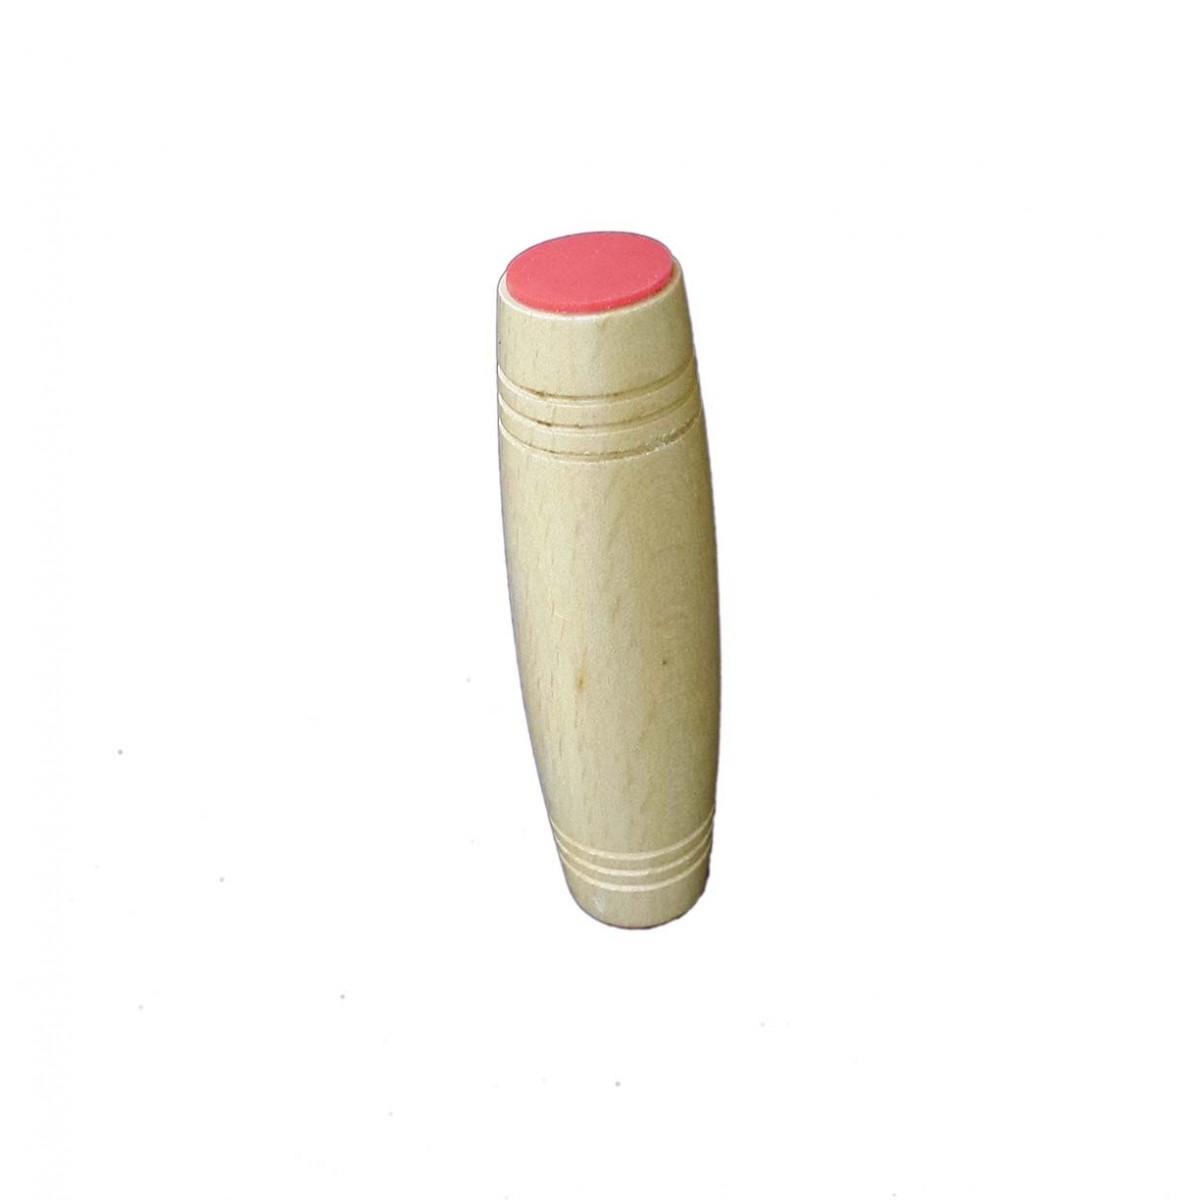 Fidget Mokuru Stick Bastao Magico Roller Brinquedo Toy Ansiedade Anti Stress Madeira (bsl-gira-4 mokuru)